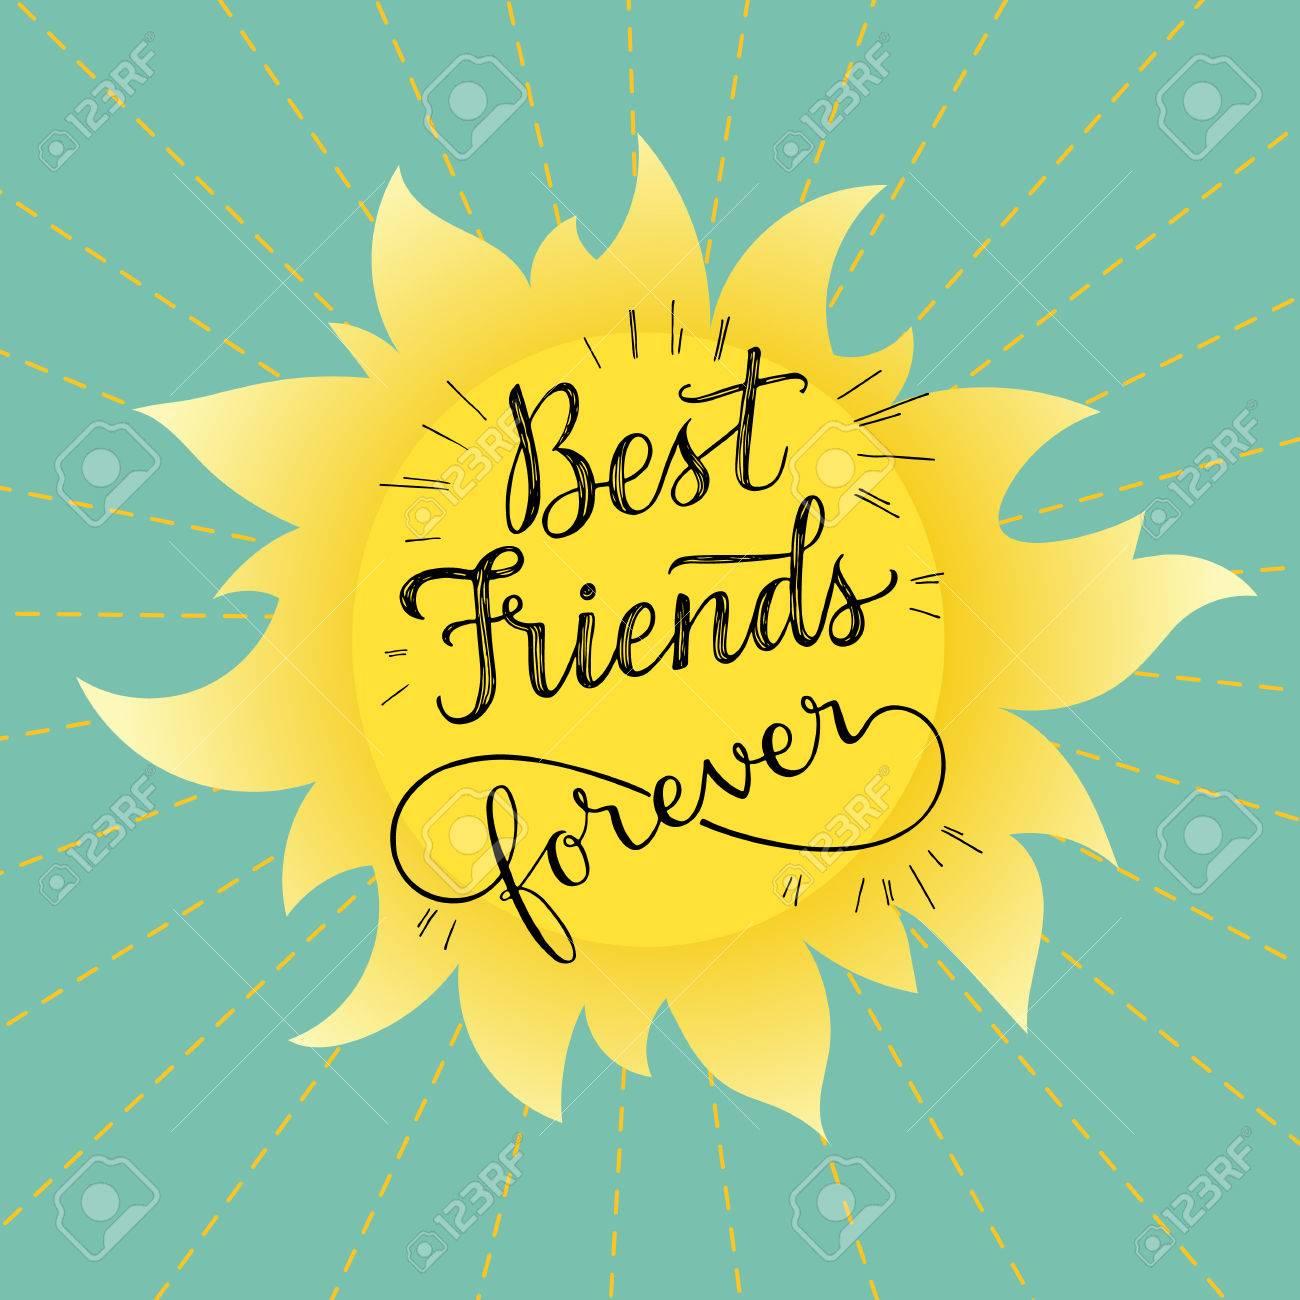 Mejores Amigos Para Siempre Ilustración Vectorial Mano Frase Letras Retro Tarjeta De Felicitación Para El Día De La Amistad